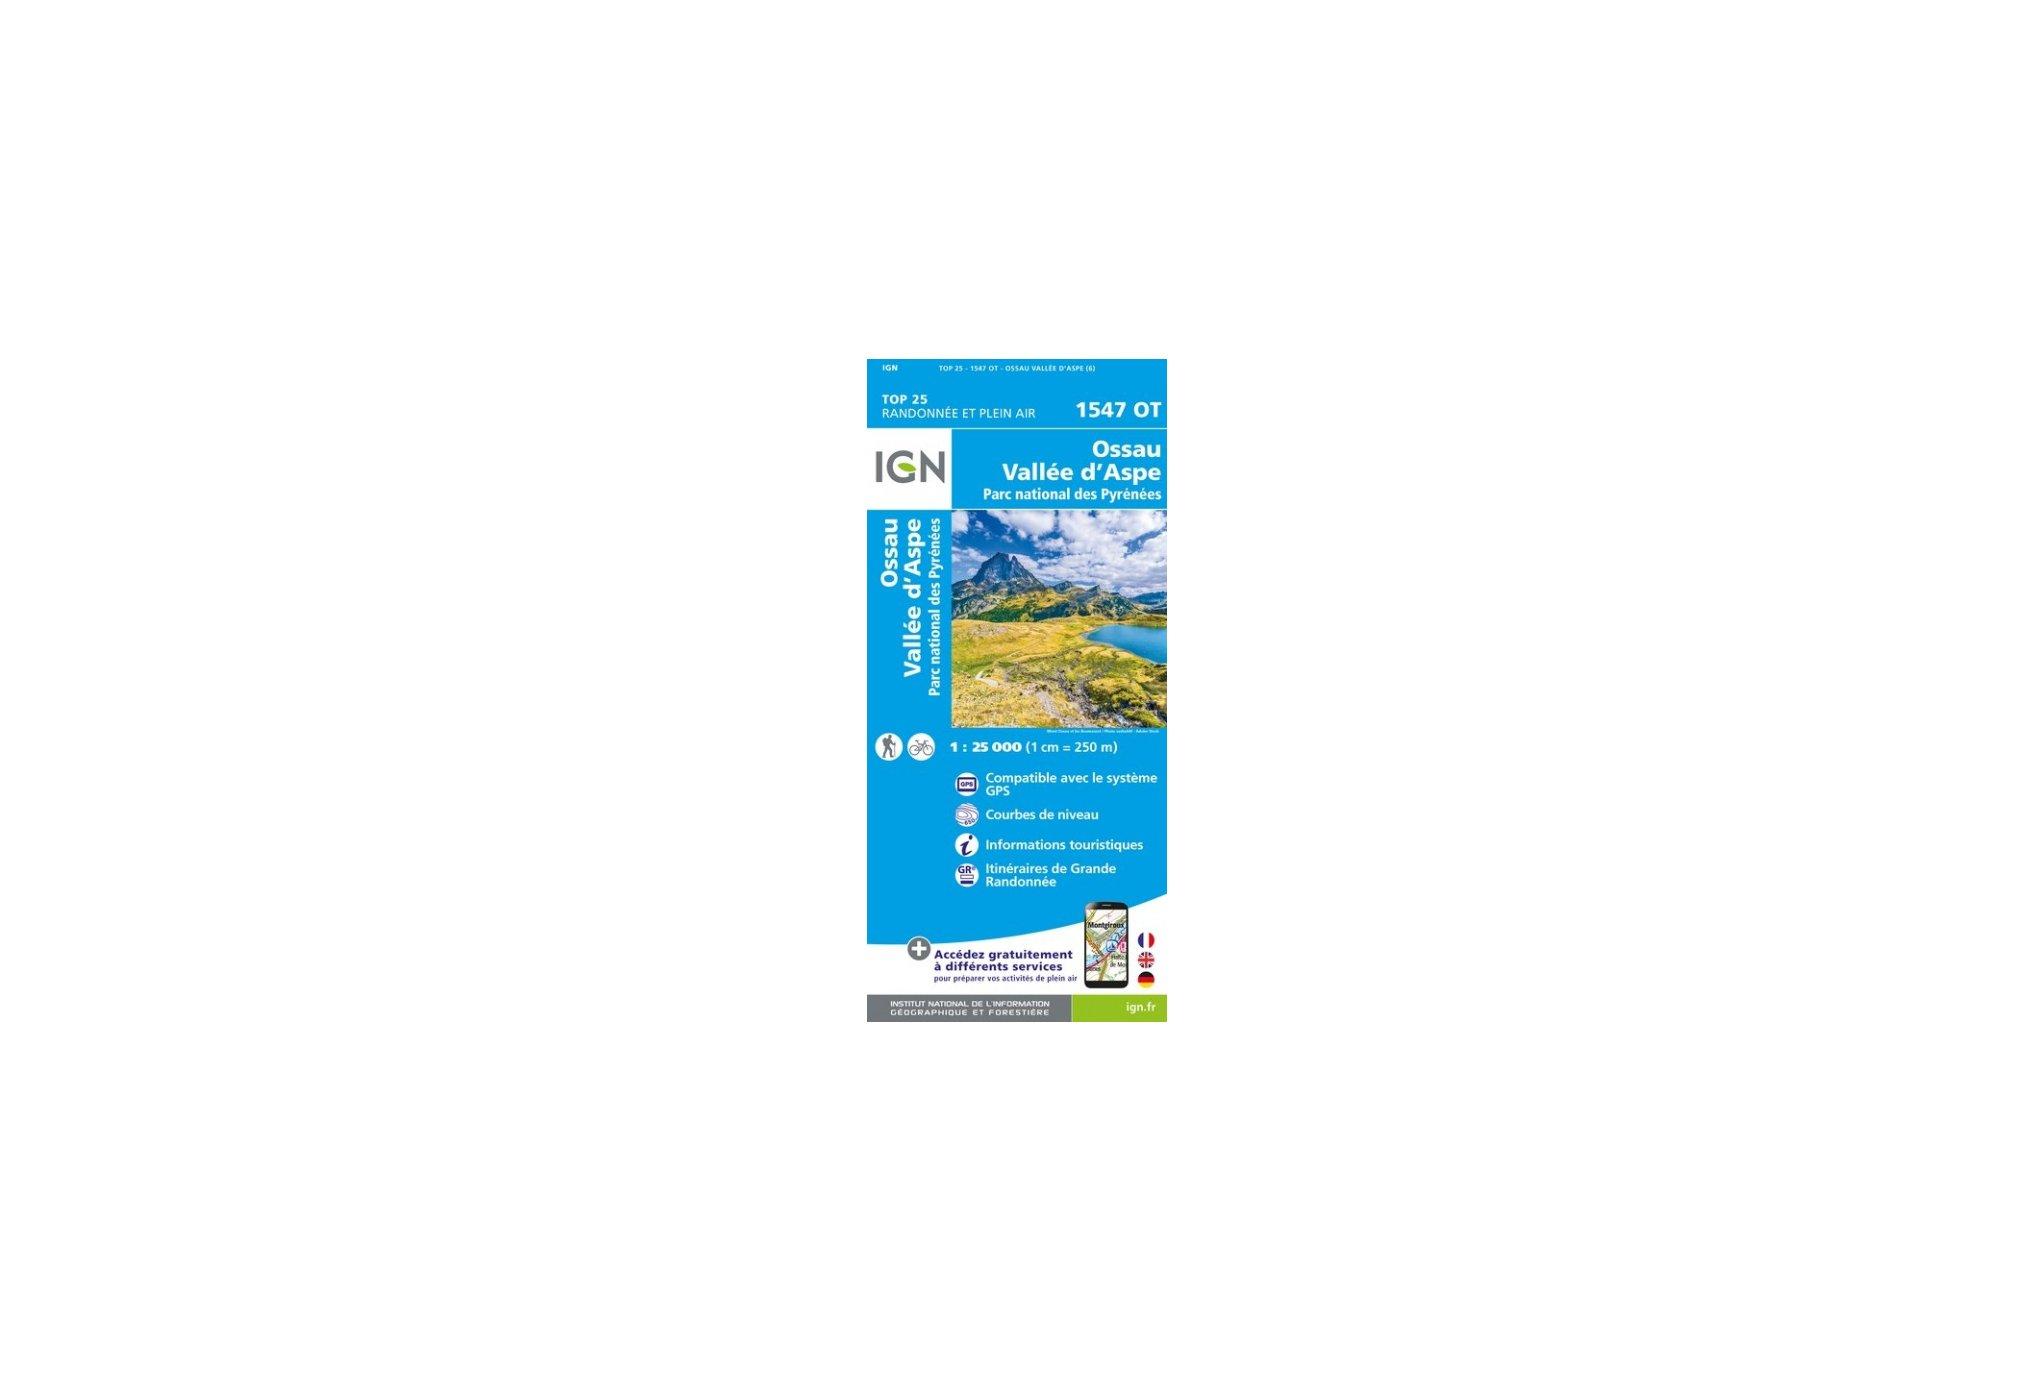 Carte IGN Ossau Vallée d'Aspe 1547OT Cartes